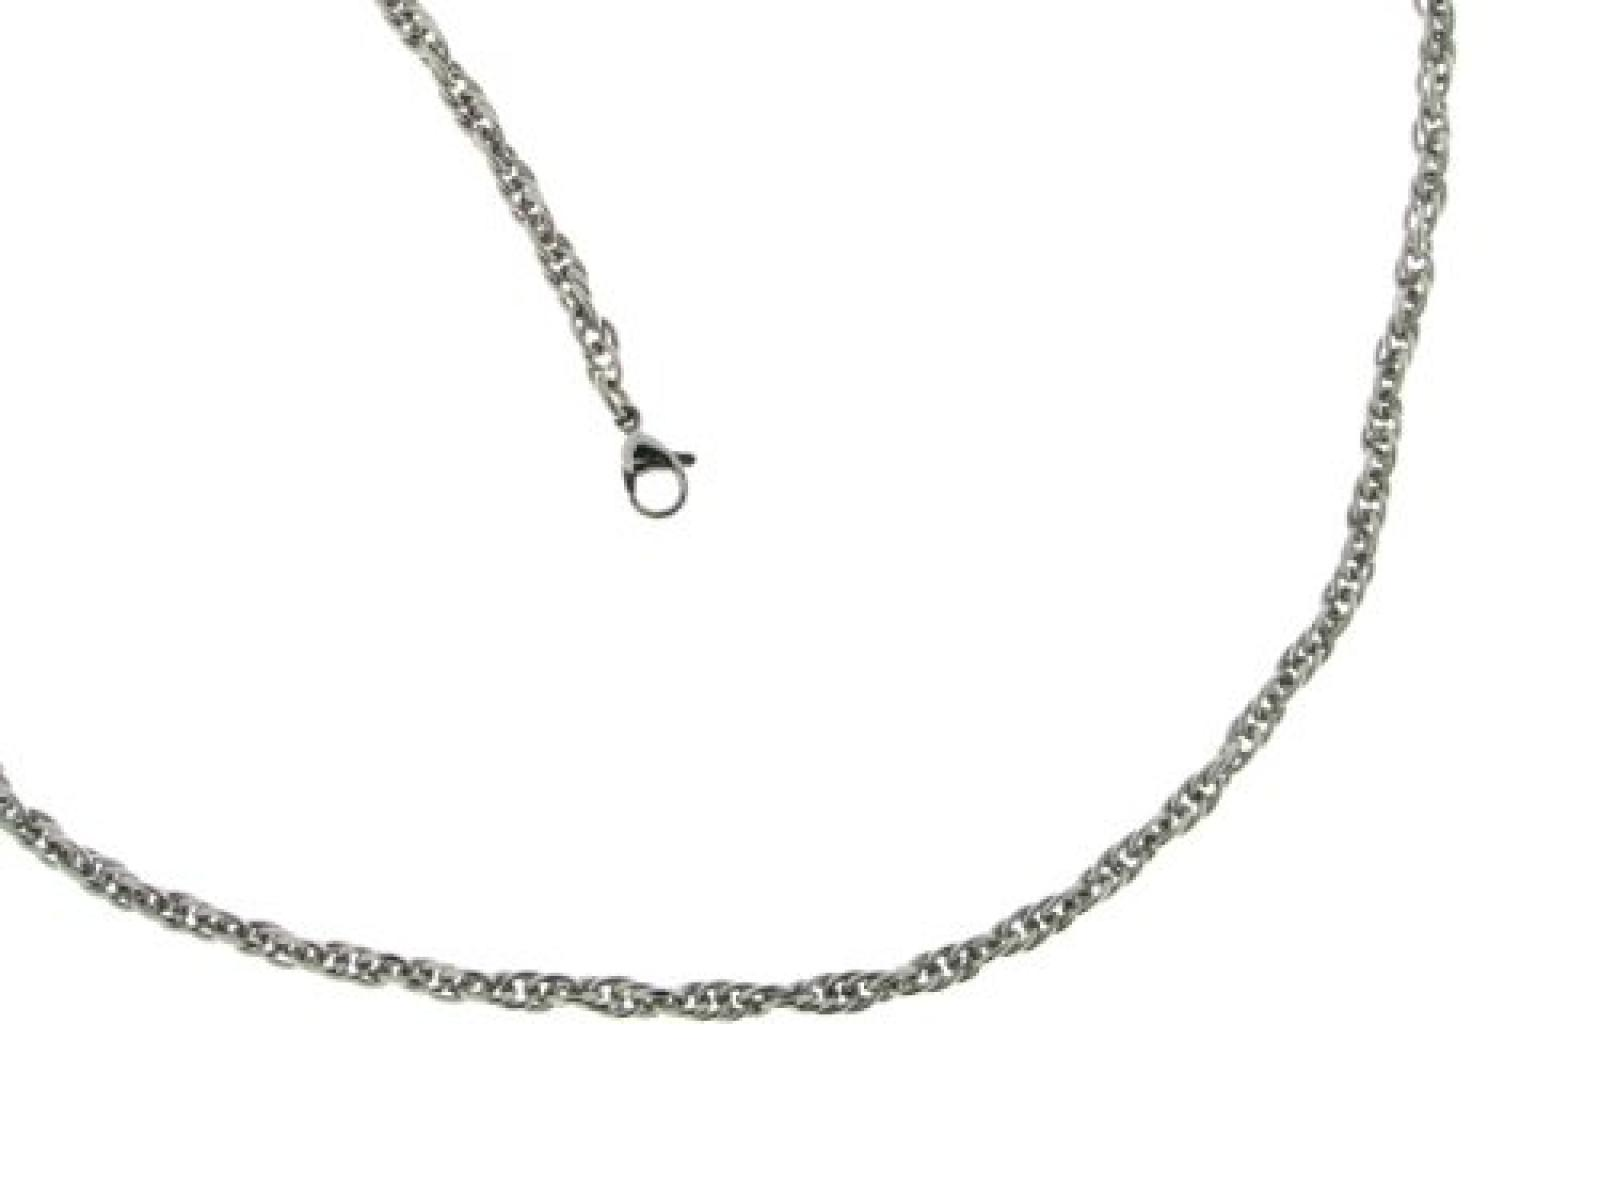 BOB C. Unisex-Halskette ohne Anhänger Metall Doppelankergliederung 4,0 mm 301538